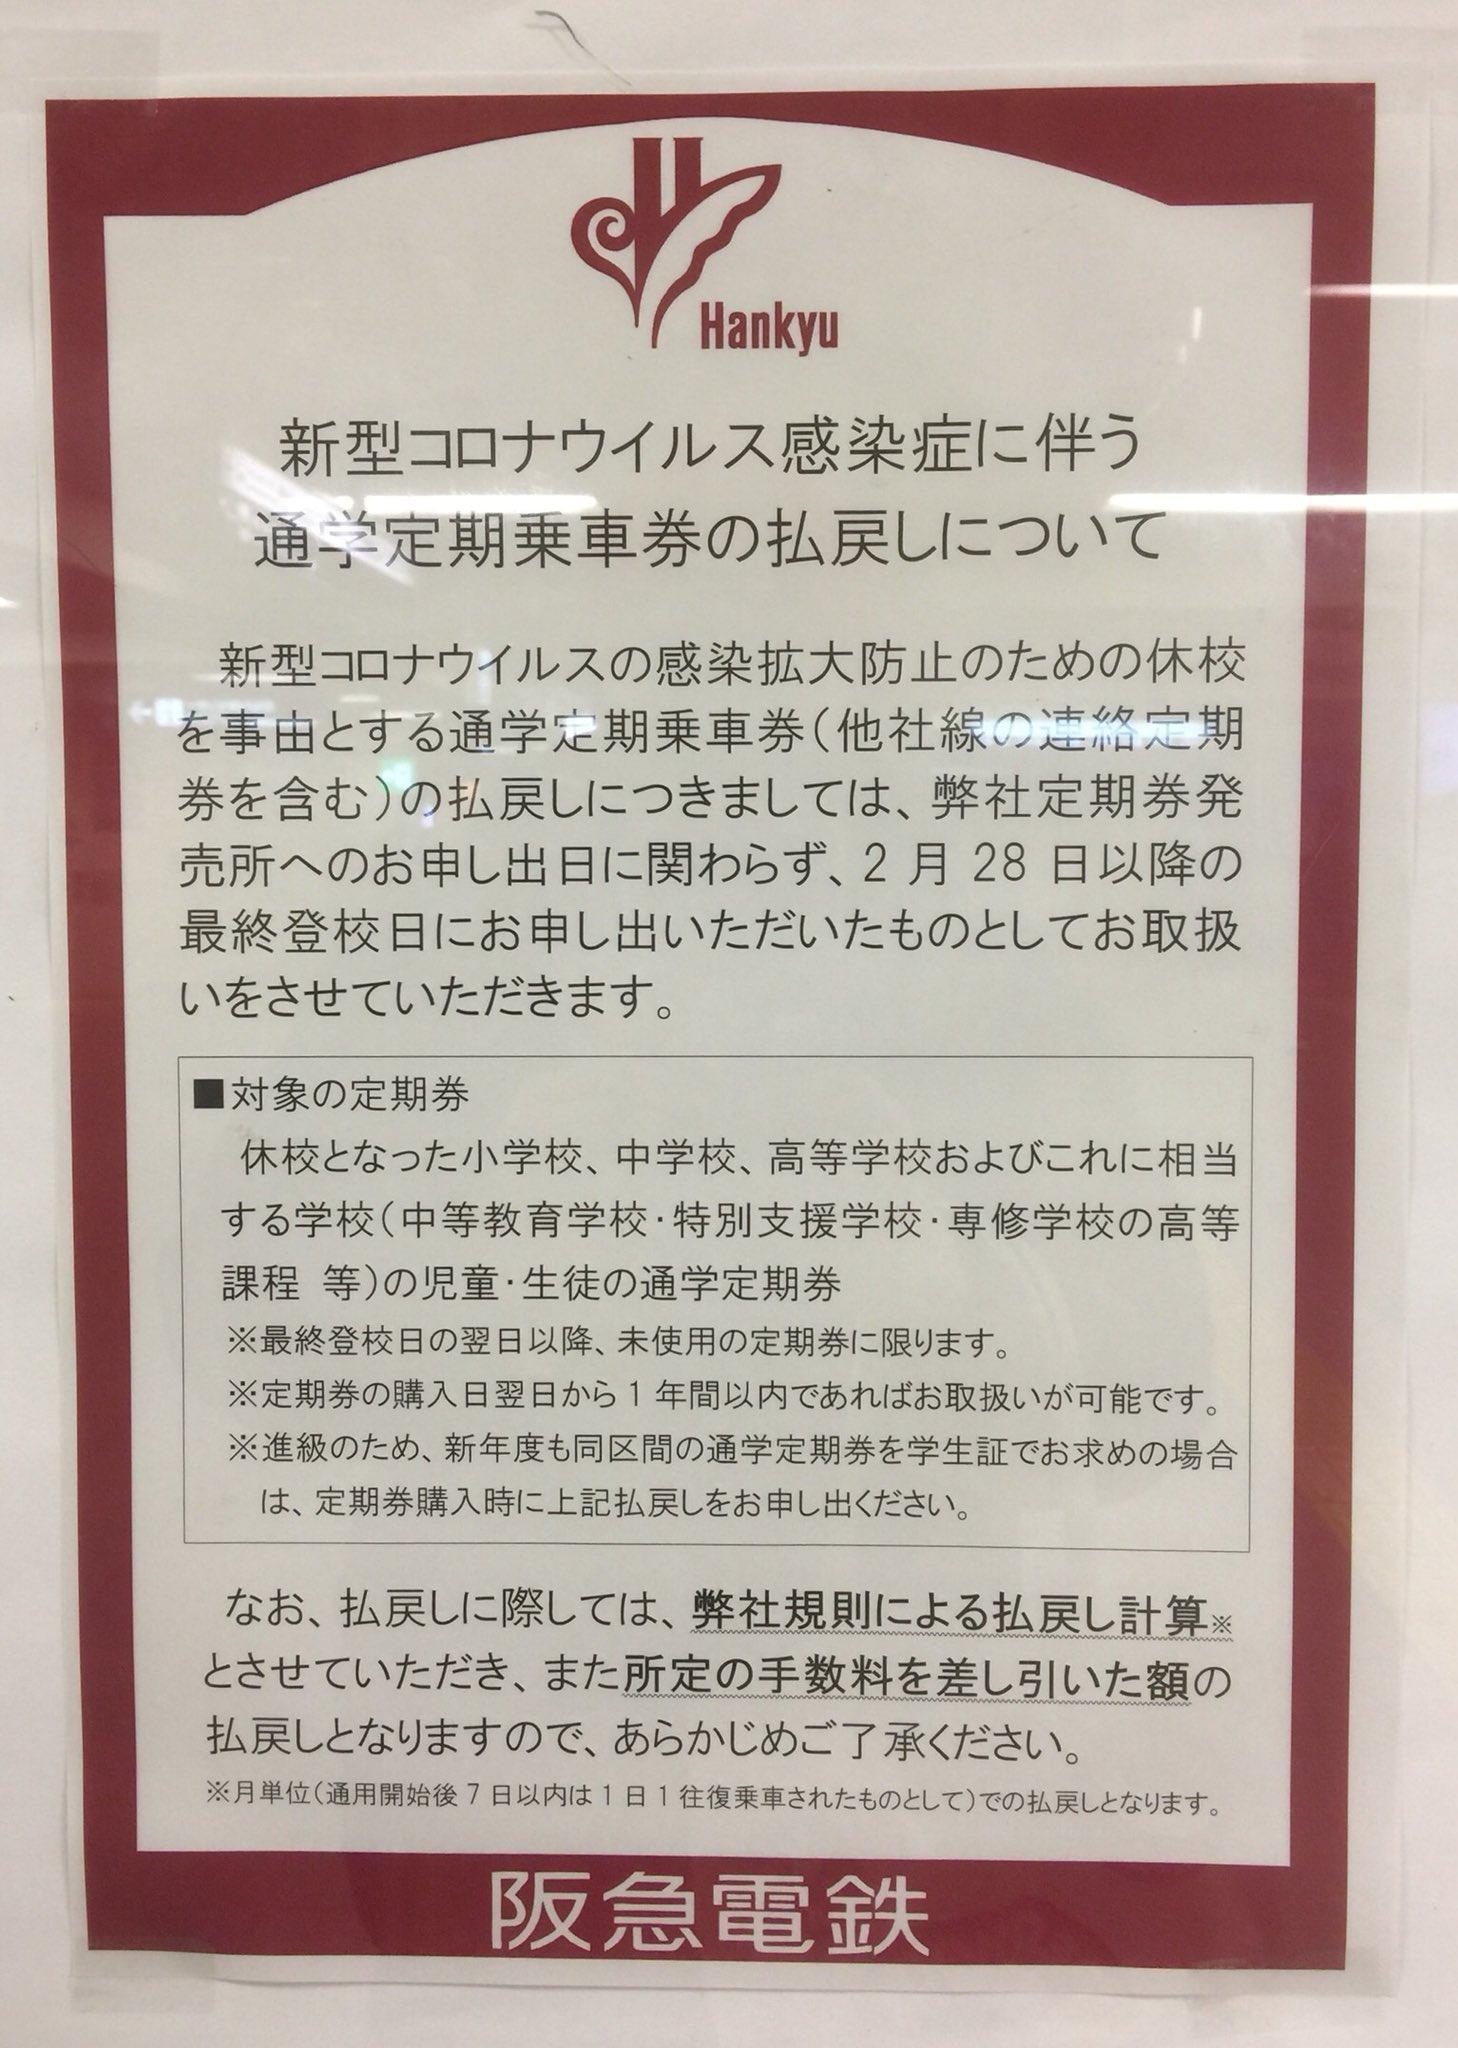 電車 定期 払い戻し 阪急